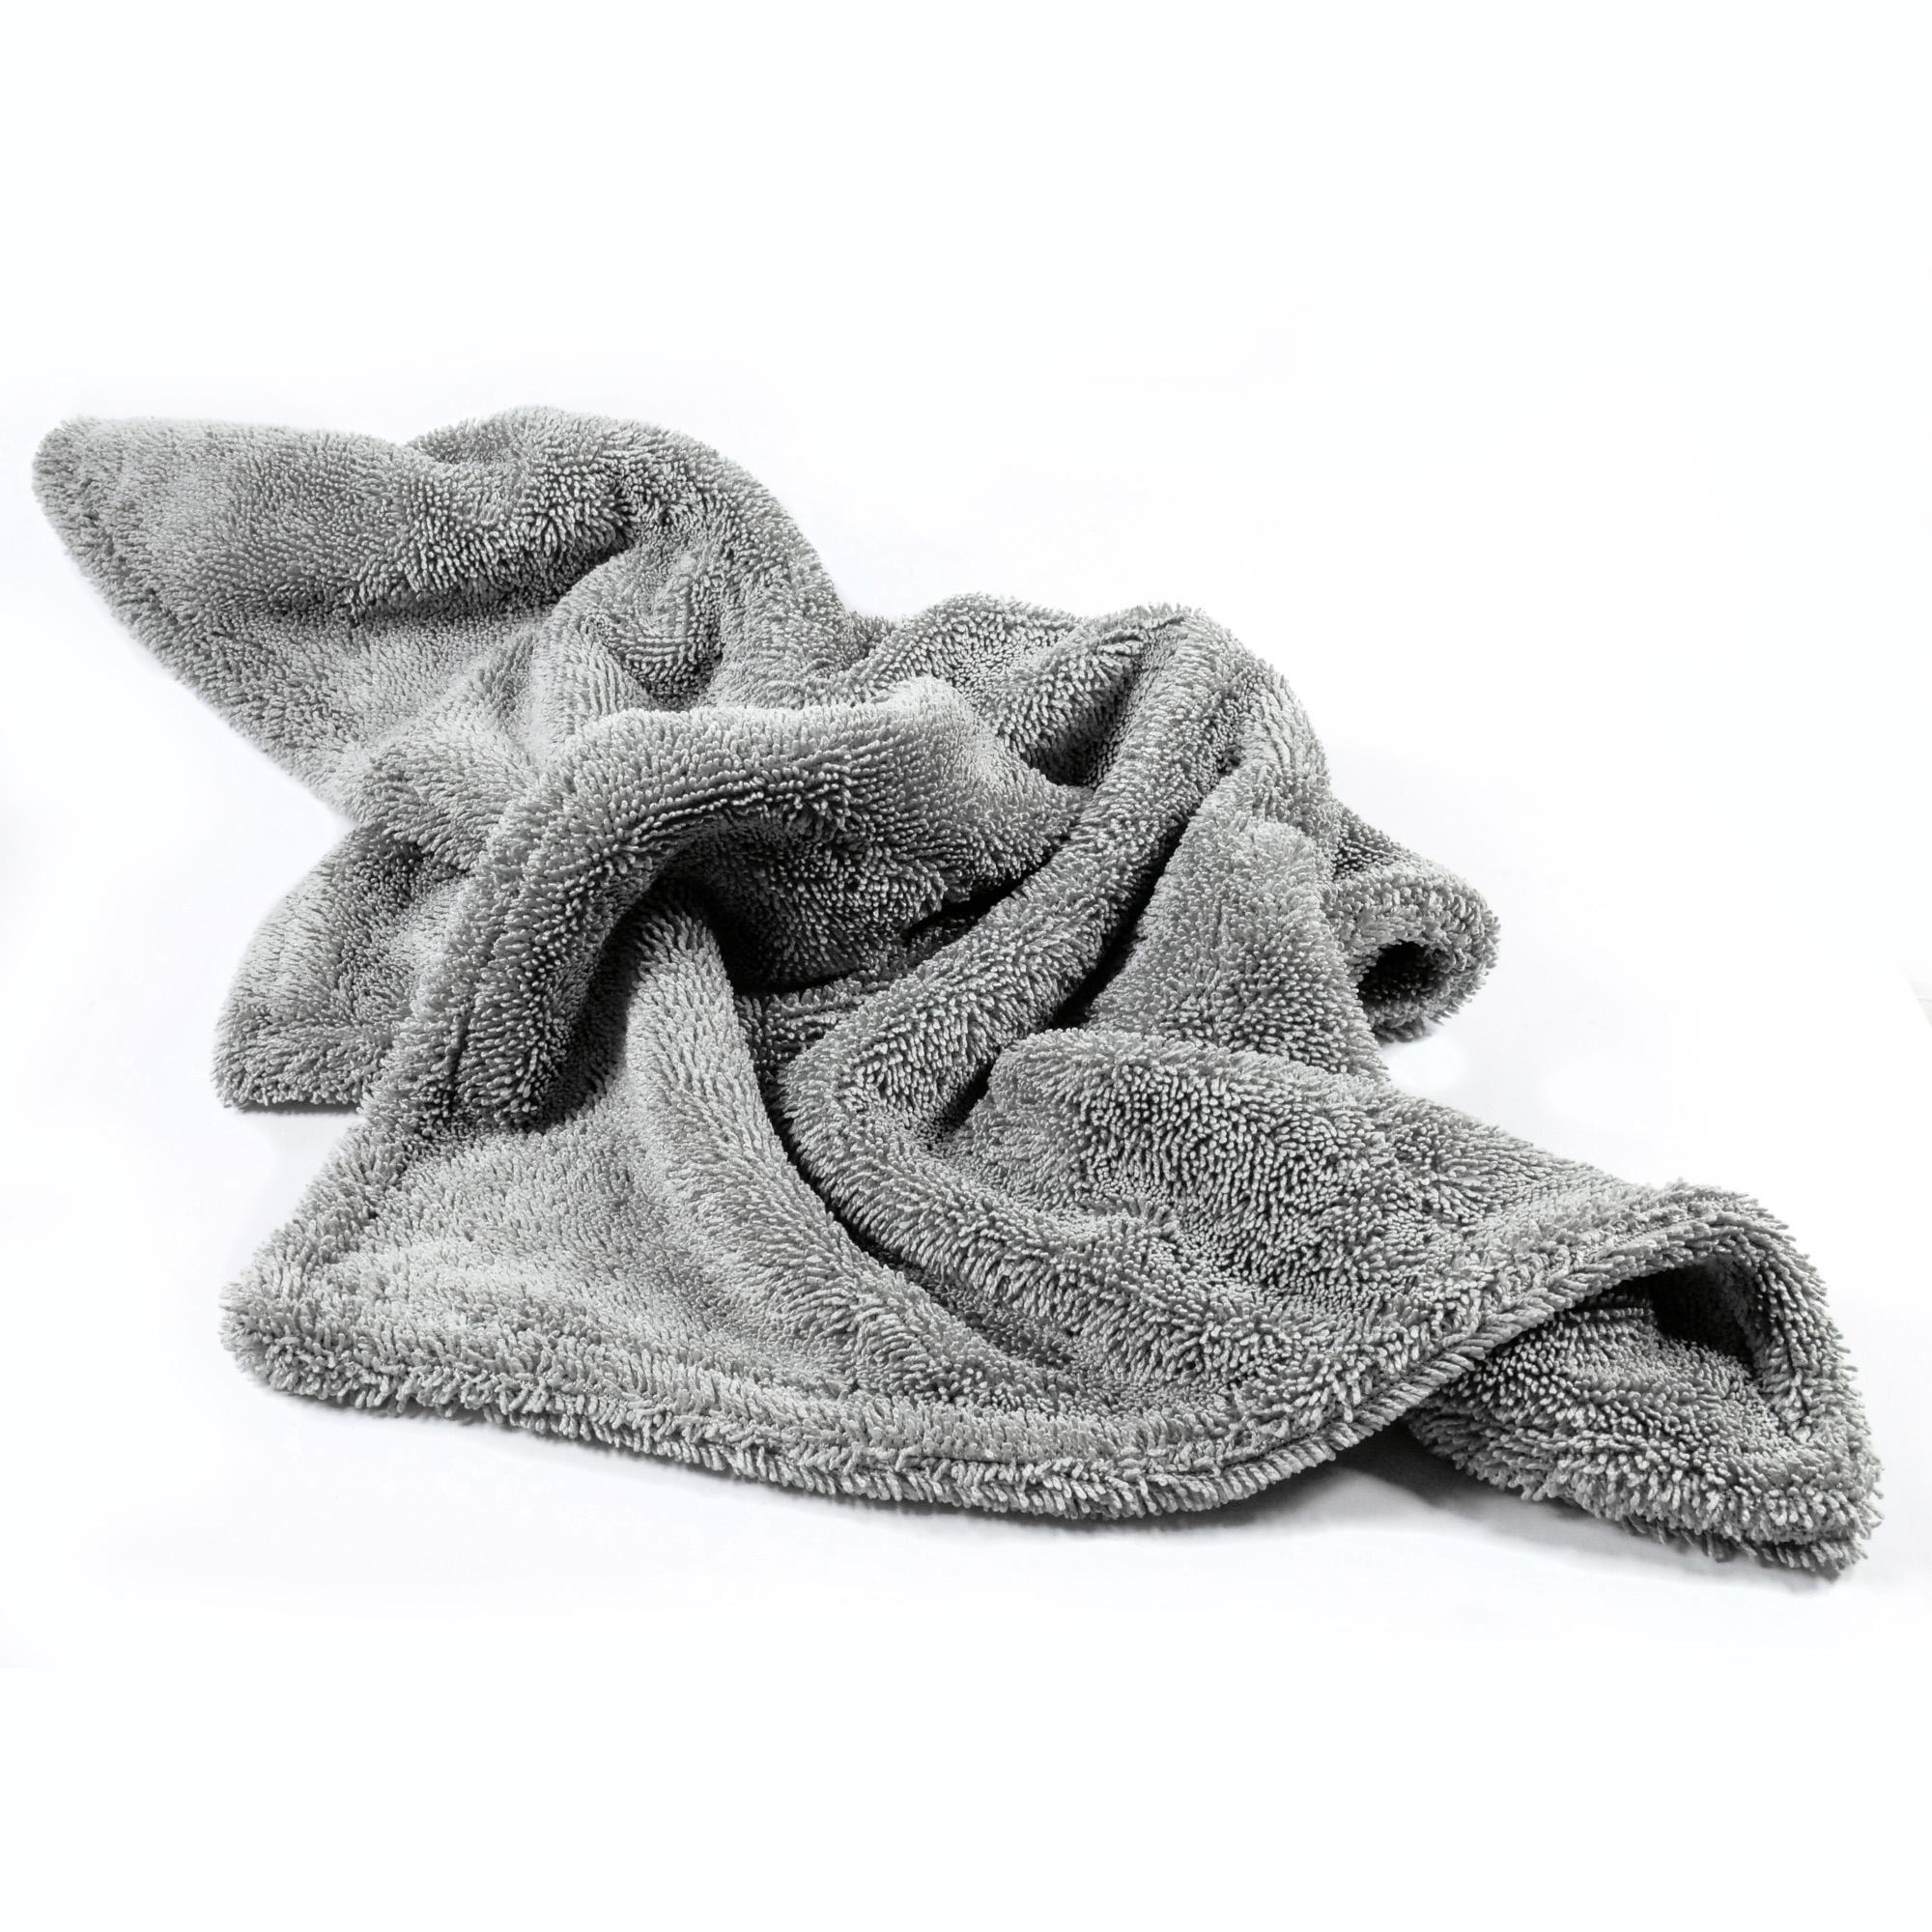 MINI // Premium Drying Towel